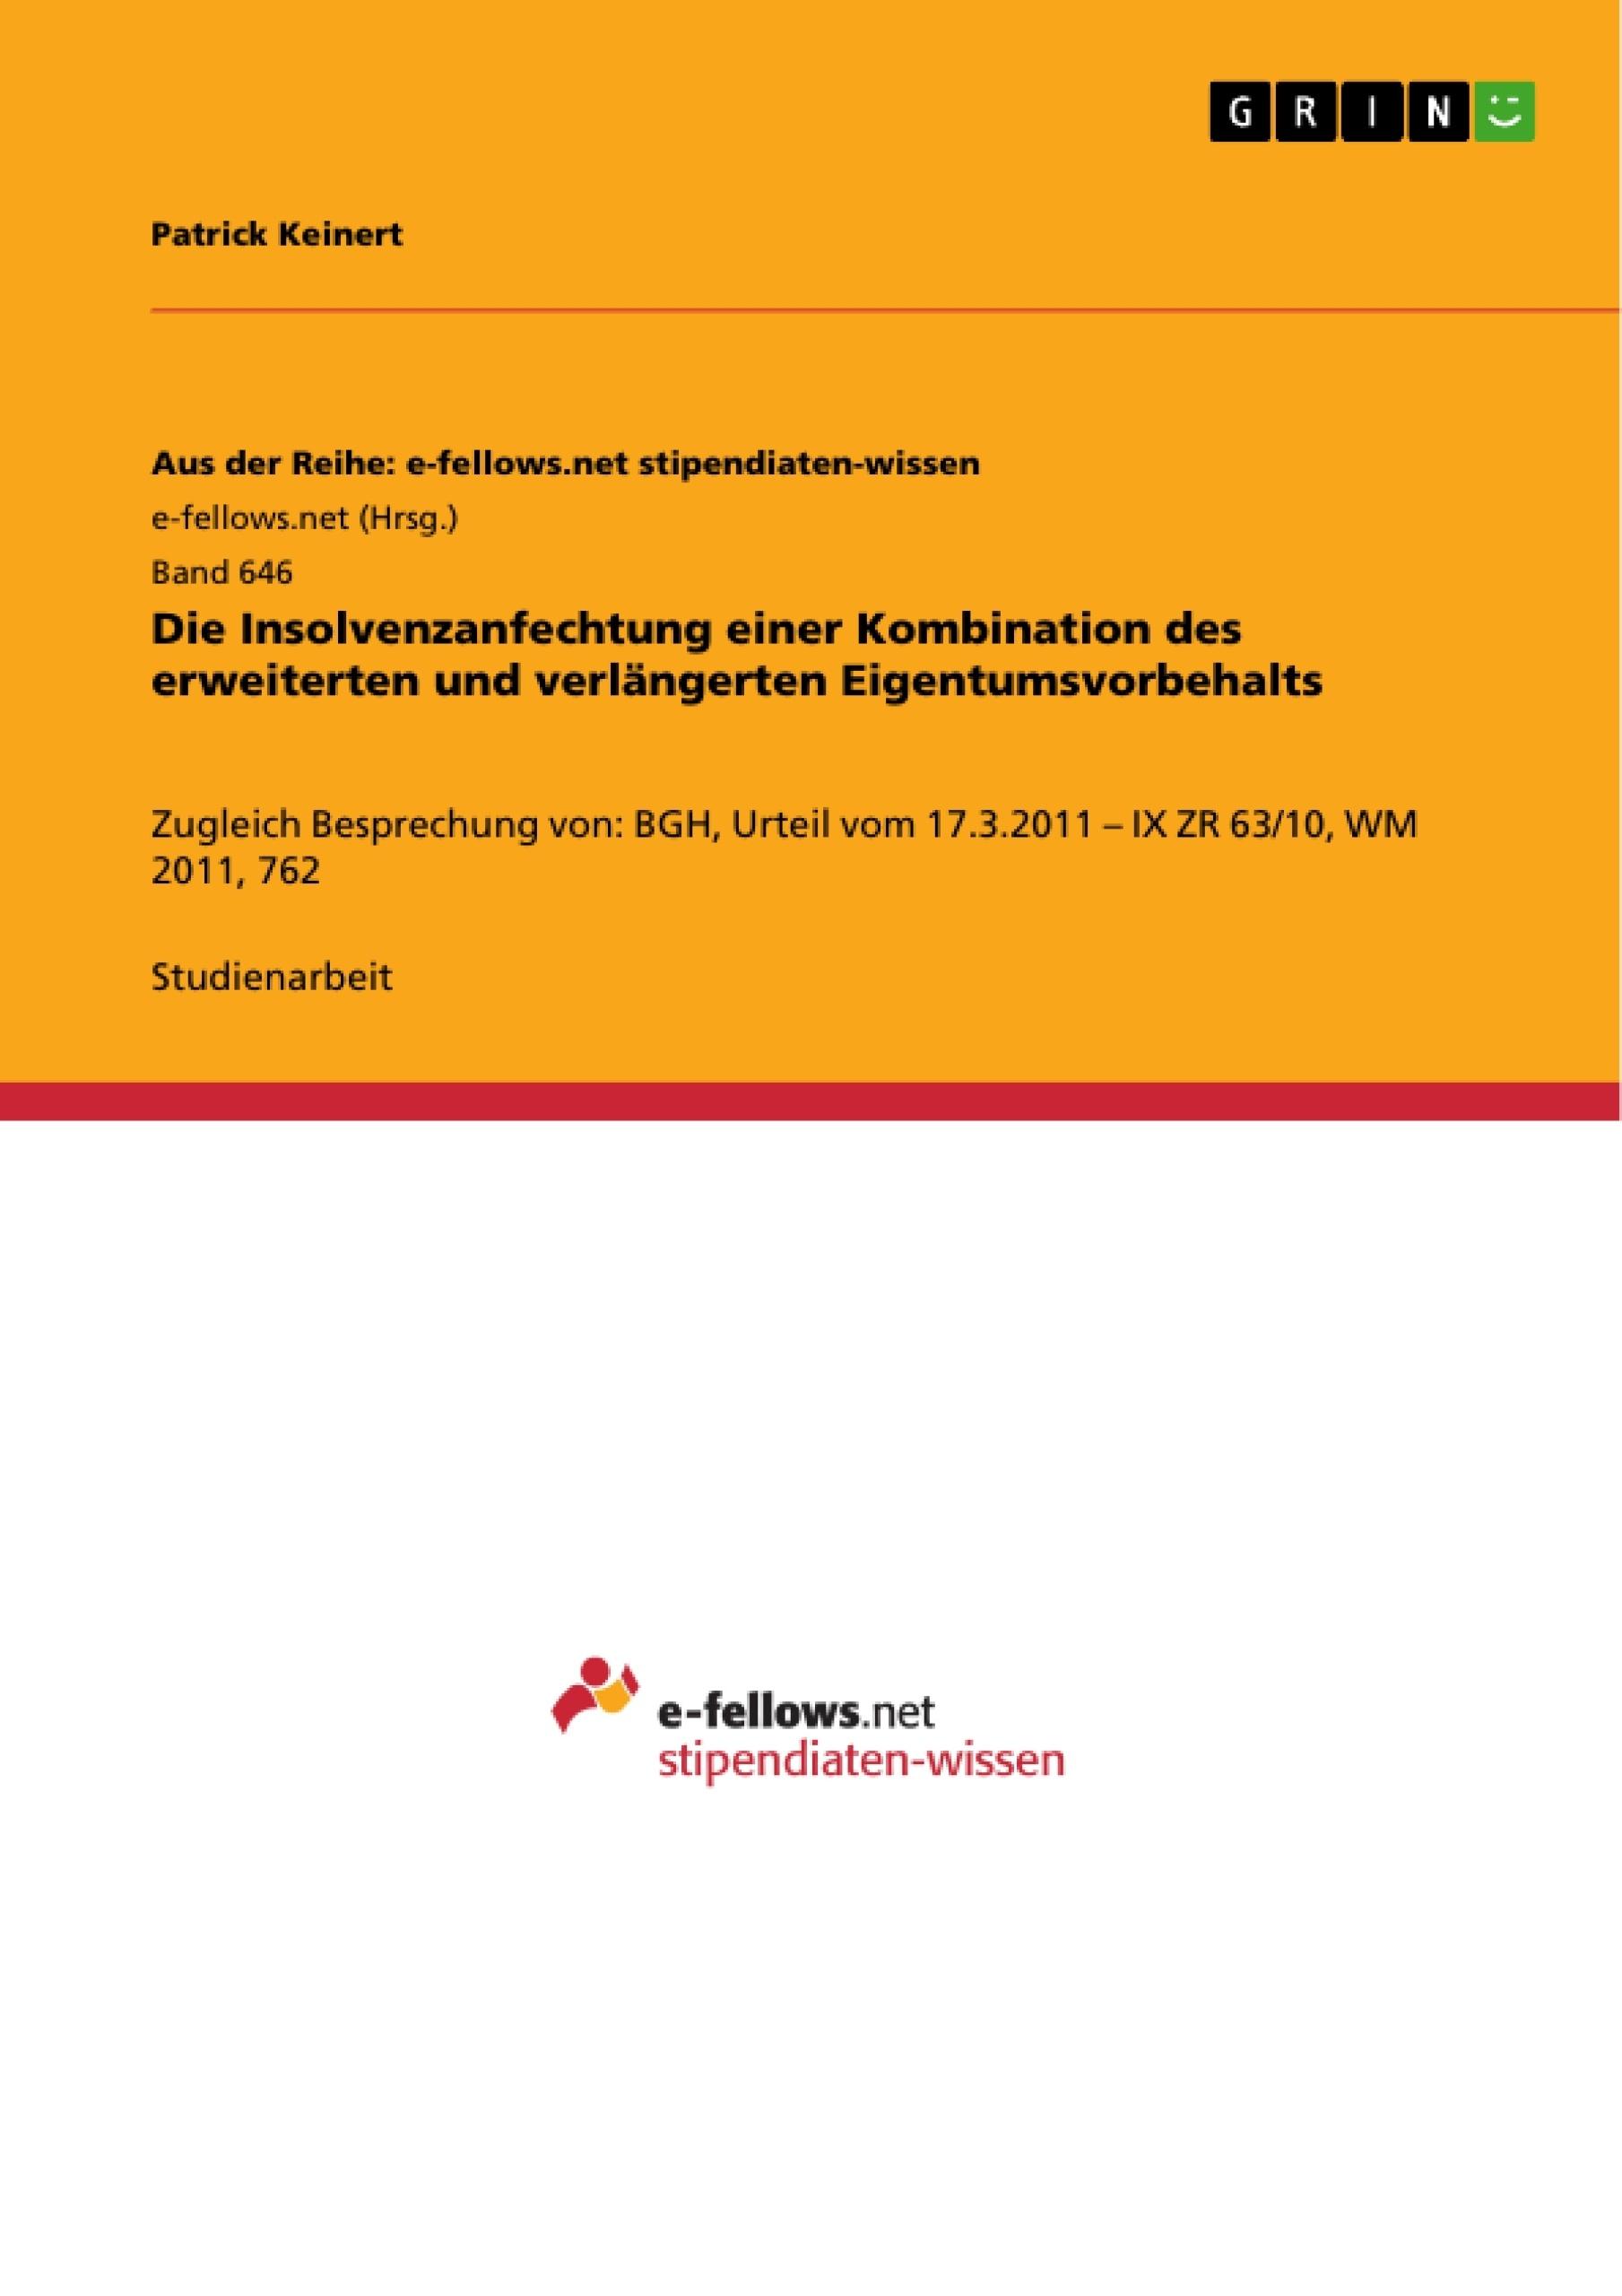 Titel: Die Insolvenzanfechtung einer Kombination des erweiterten und verlängerten Eigentumsvorbehalts